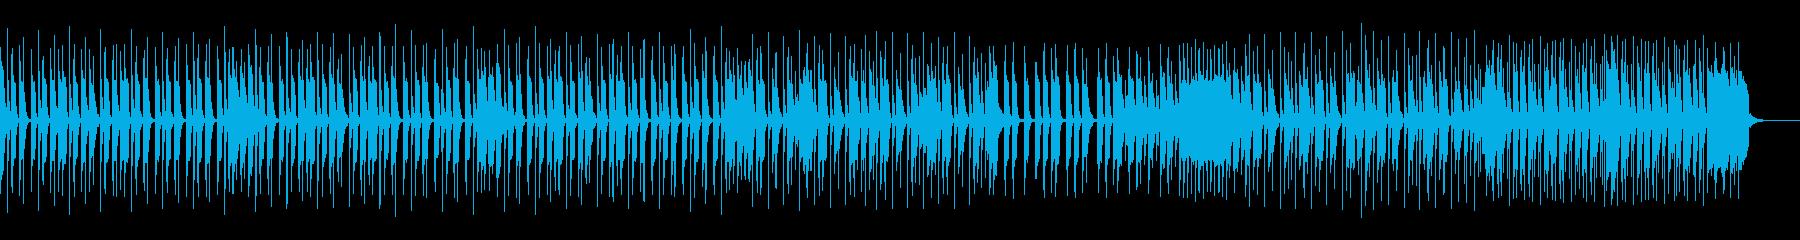 ギターとドラムによるポップスの再生済みの波形